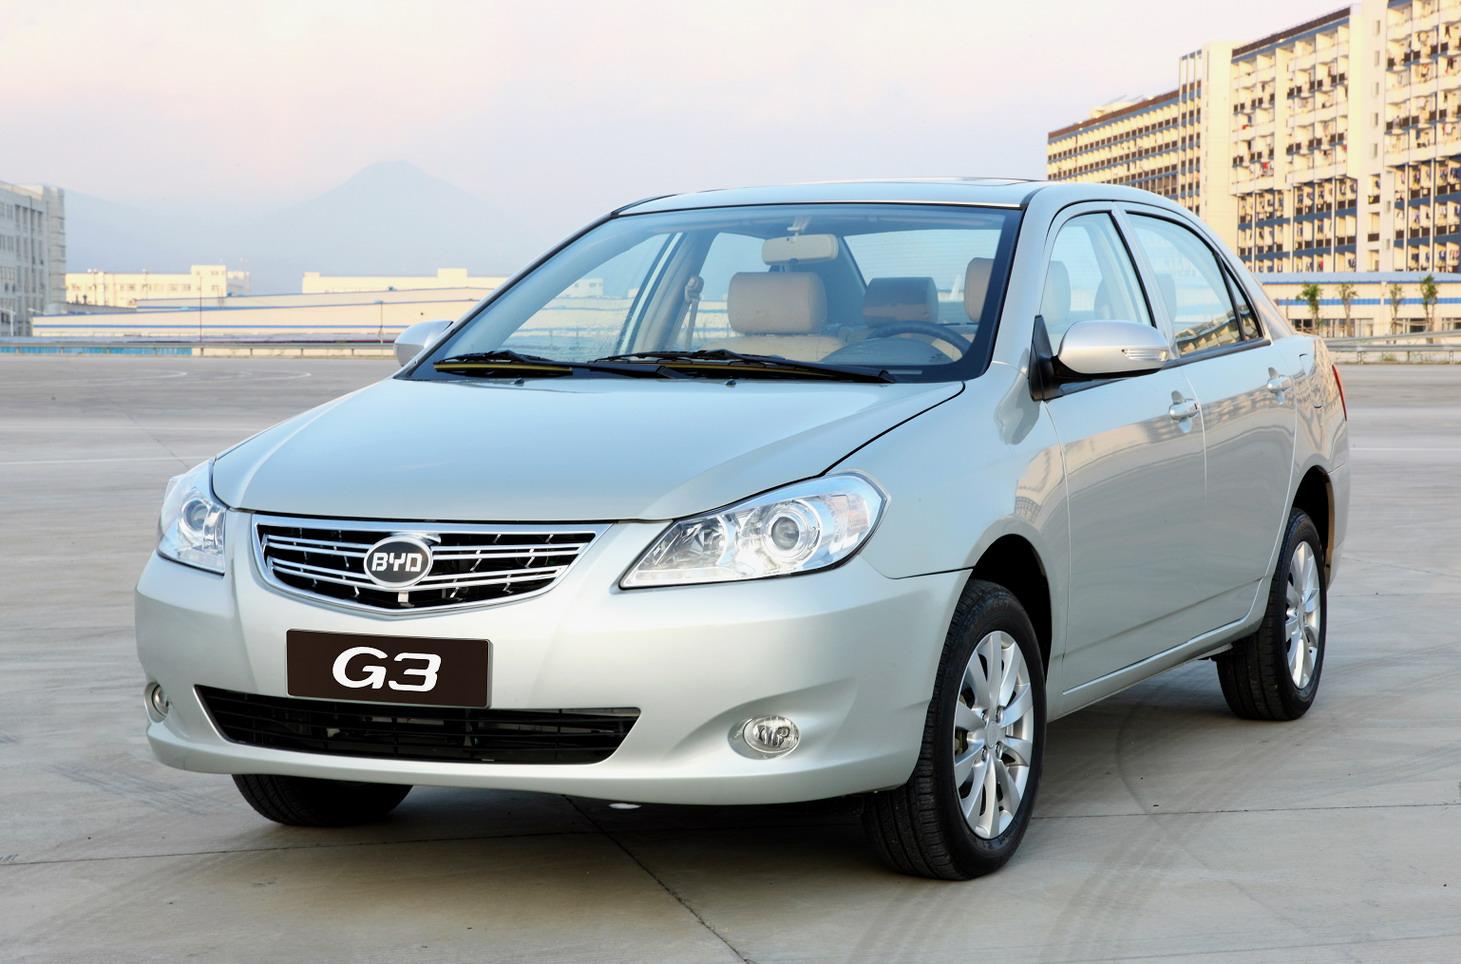 Китайская компания BYD планирует выйти наавтомобильный рынок Соединенных Штатов Америки